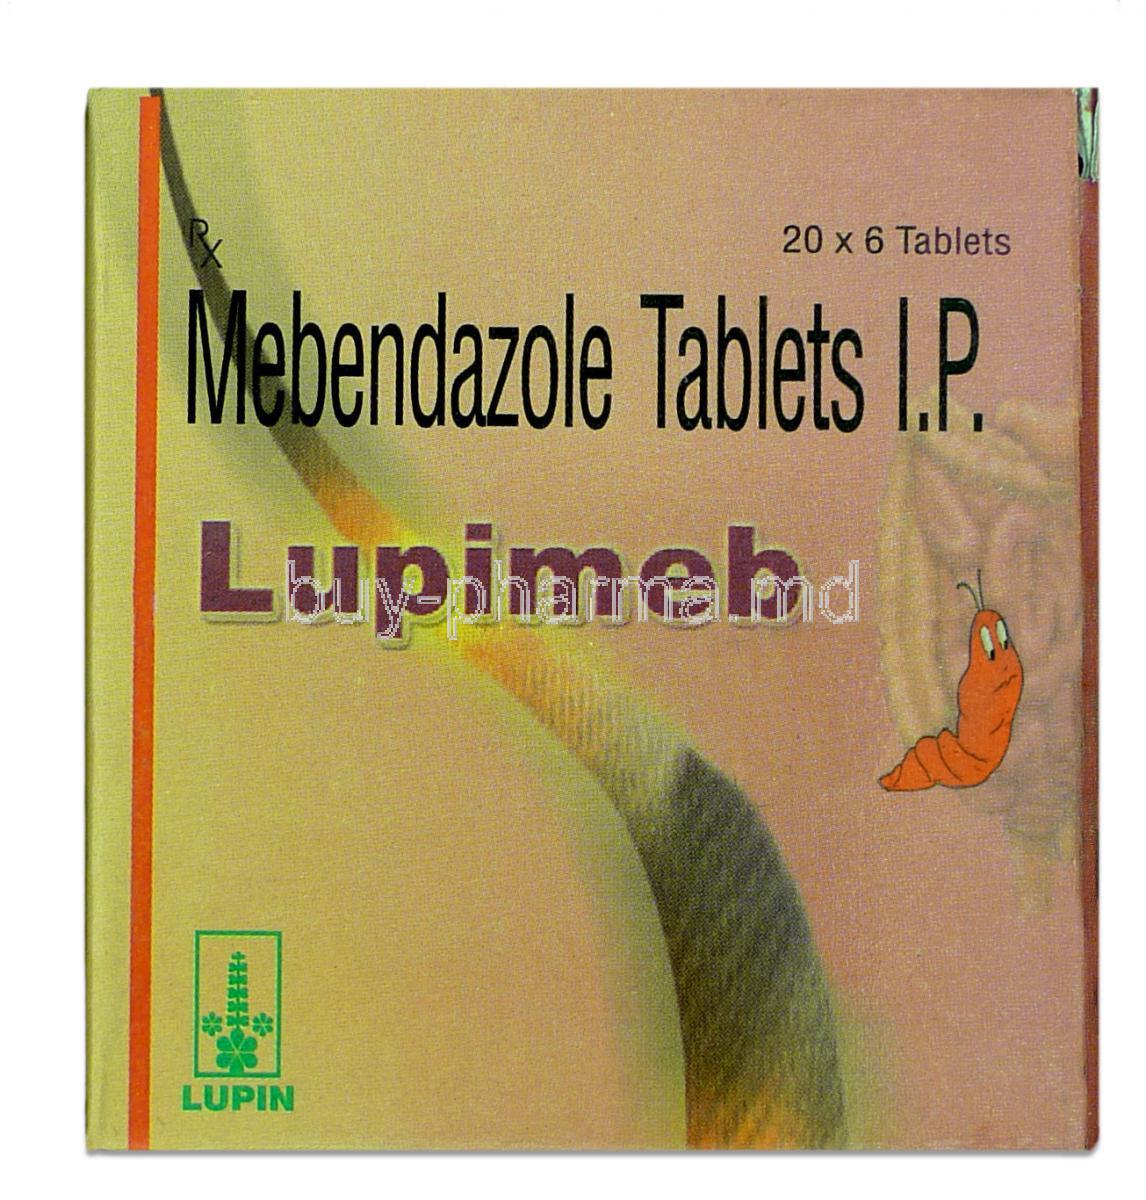 Garcinia pills amazon picture 9